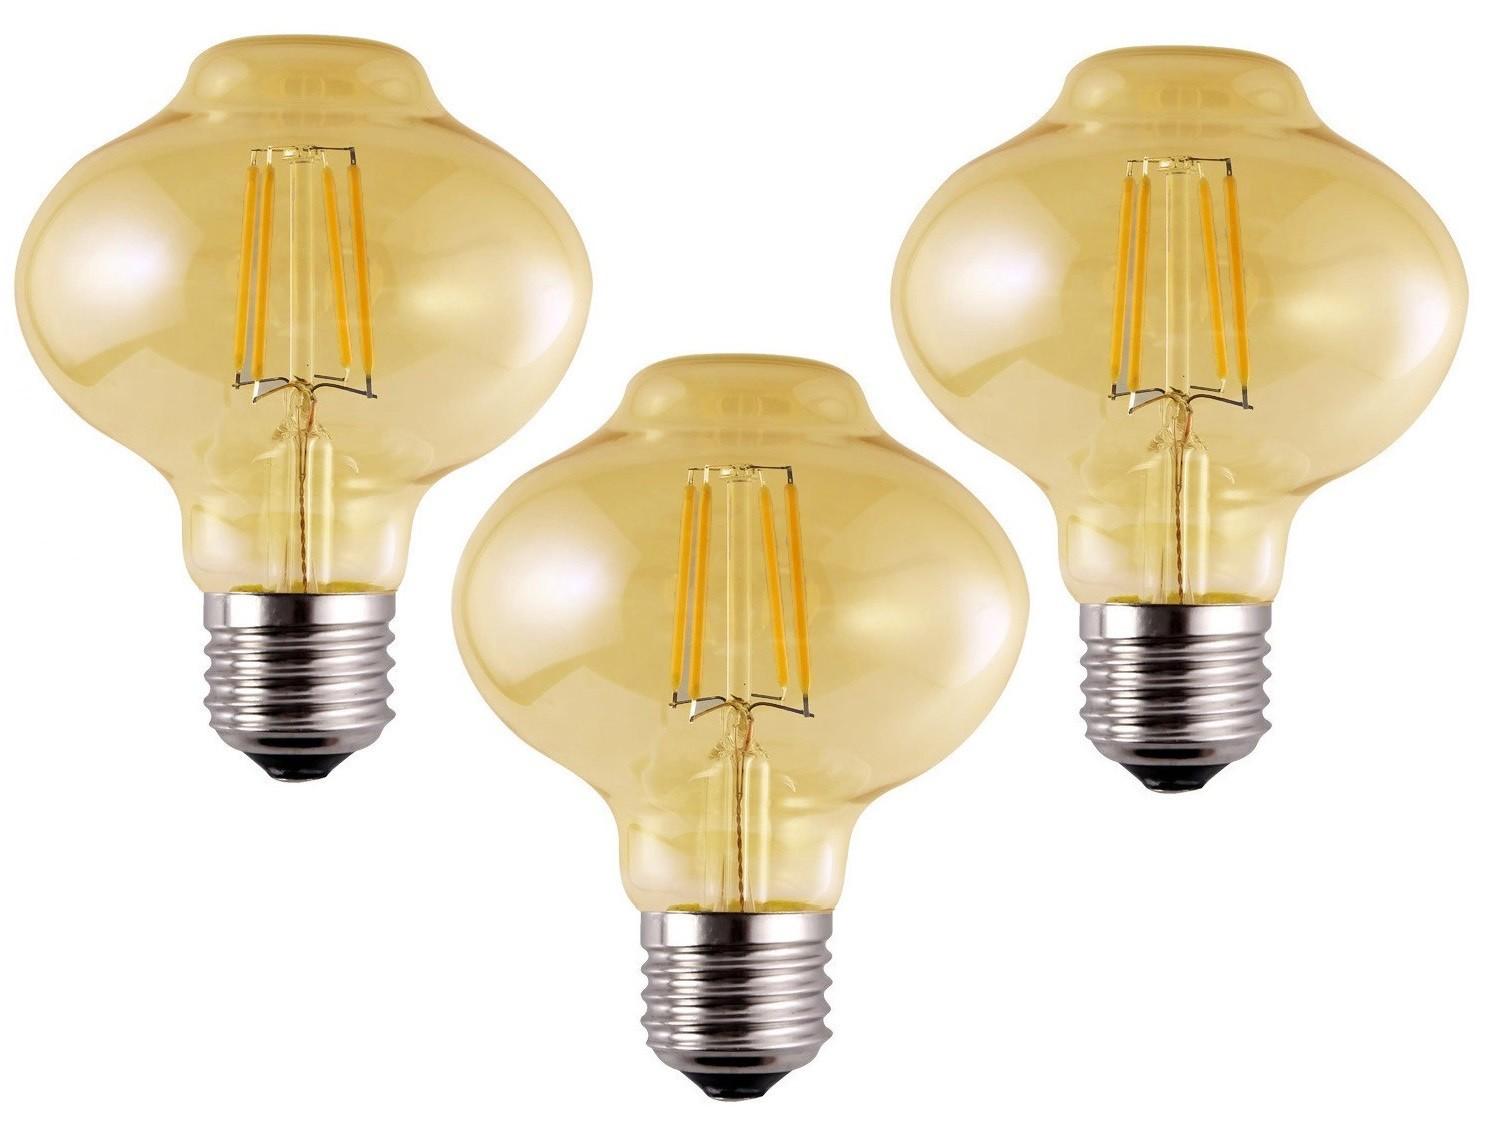 3 Lâmpadas de Filamento LED L80 4W Bivolt